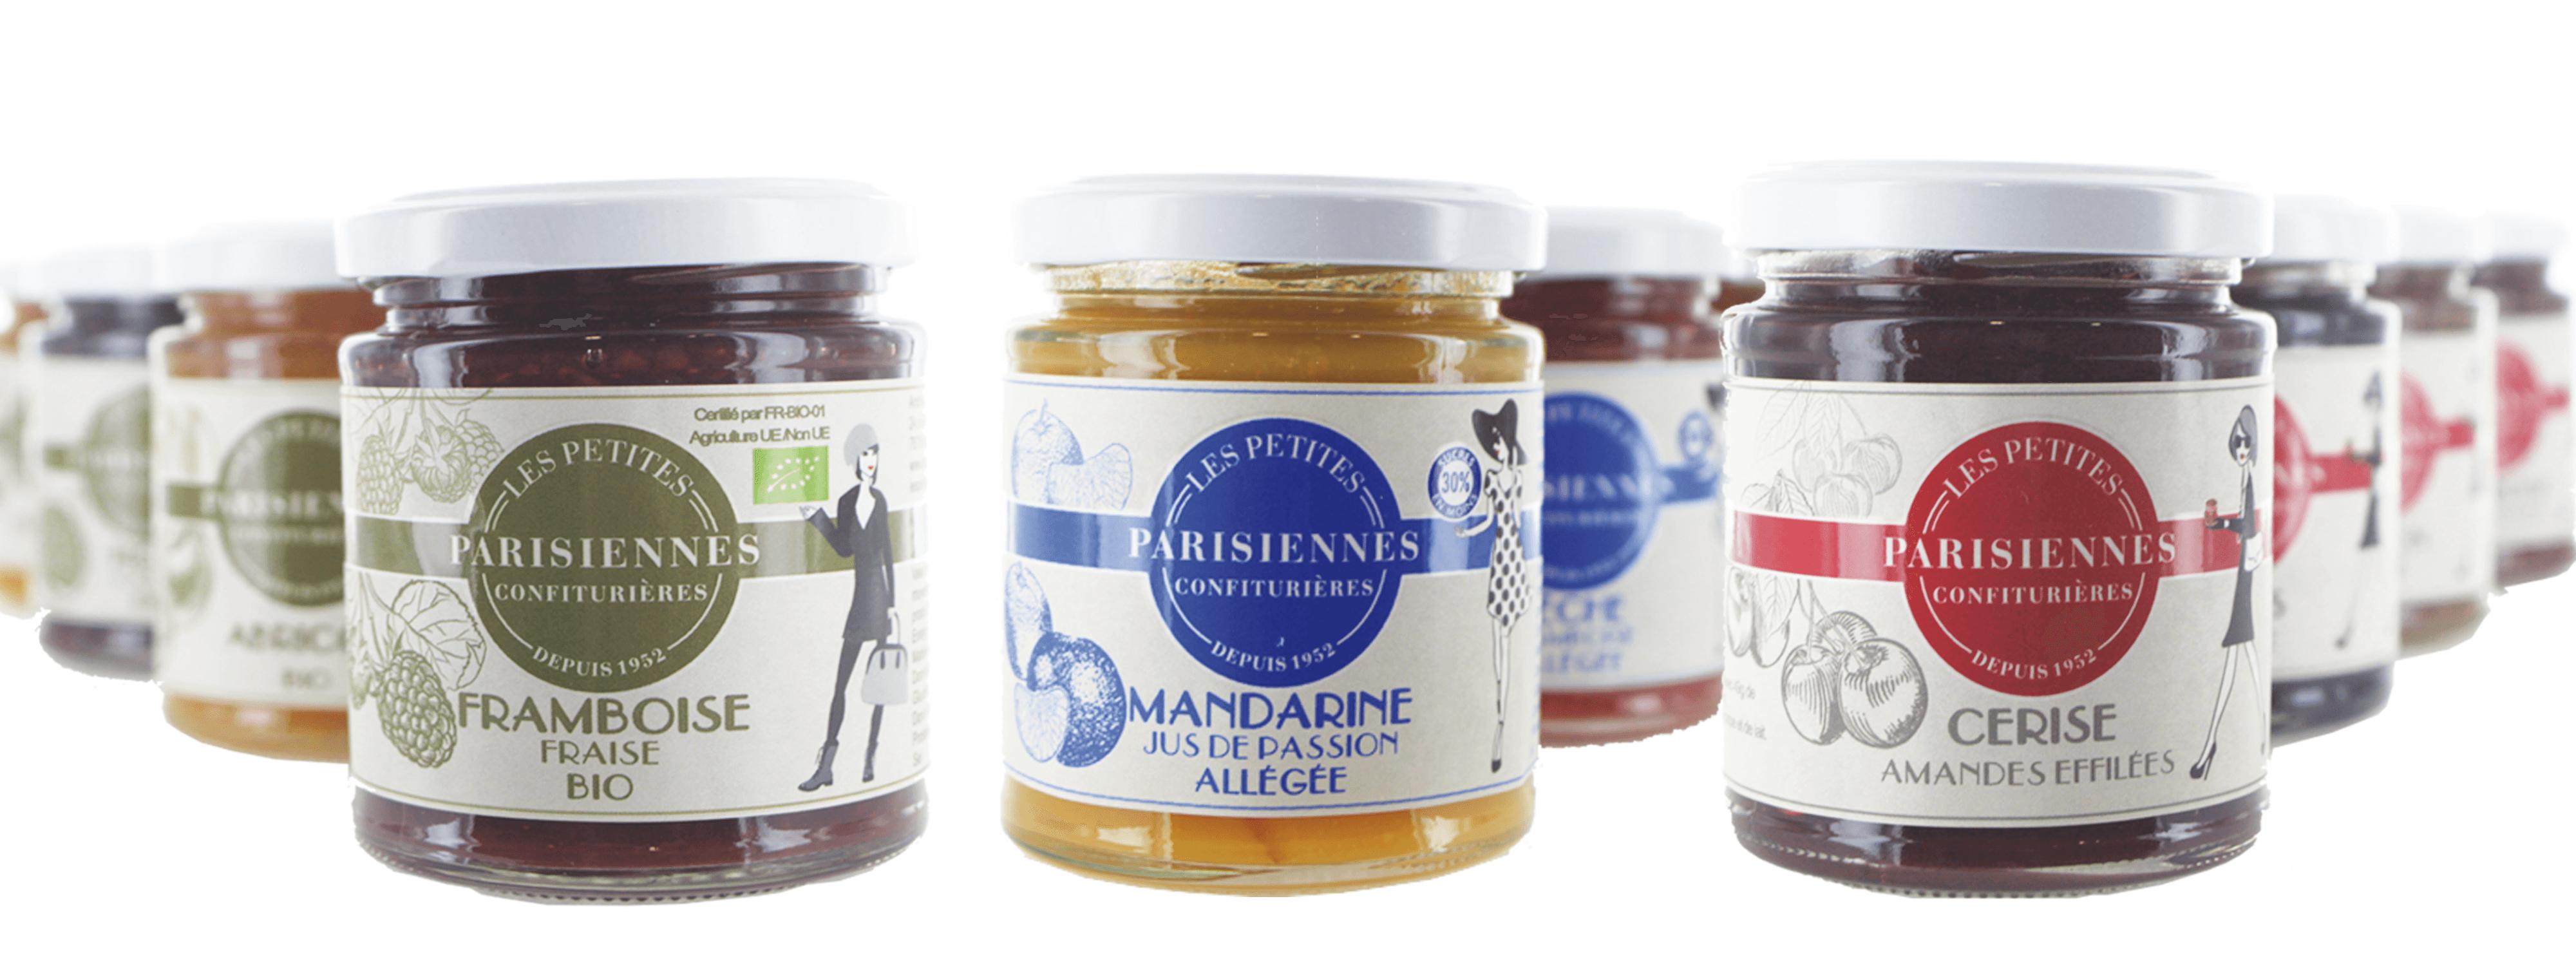 Vous trouverez toutes les saveurs qui vous plaisent parmi les délicieuses confitures Les Petites Parisiennes